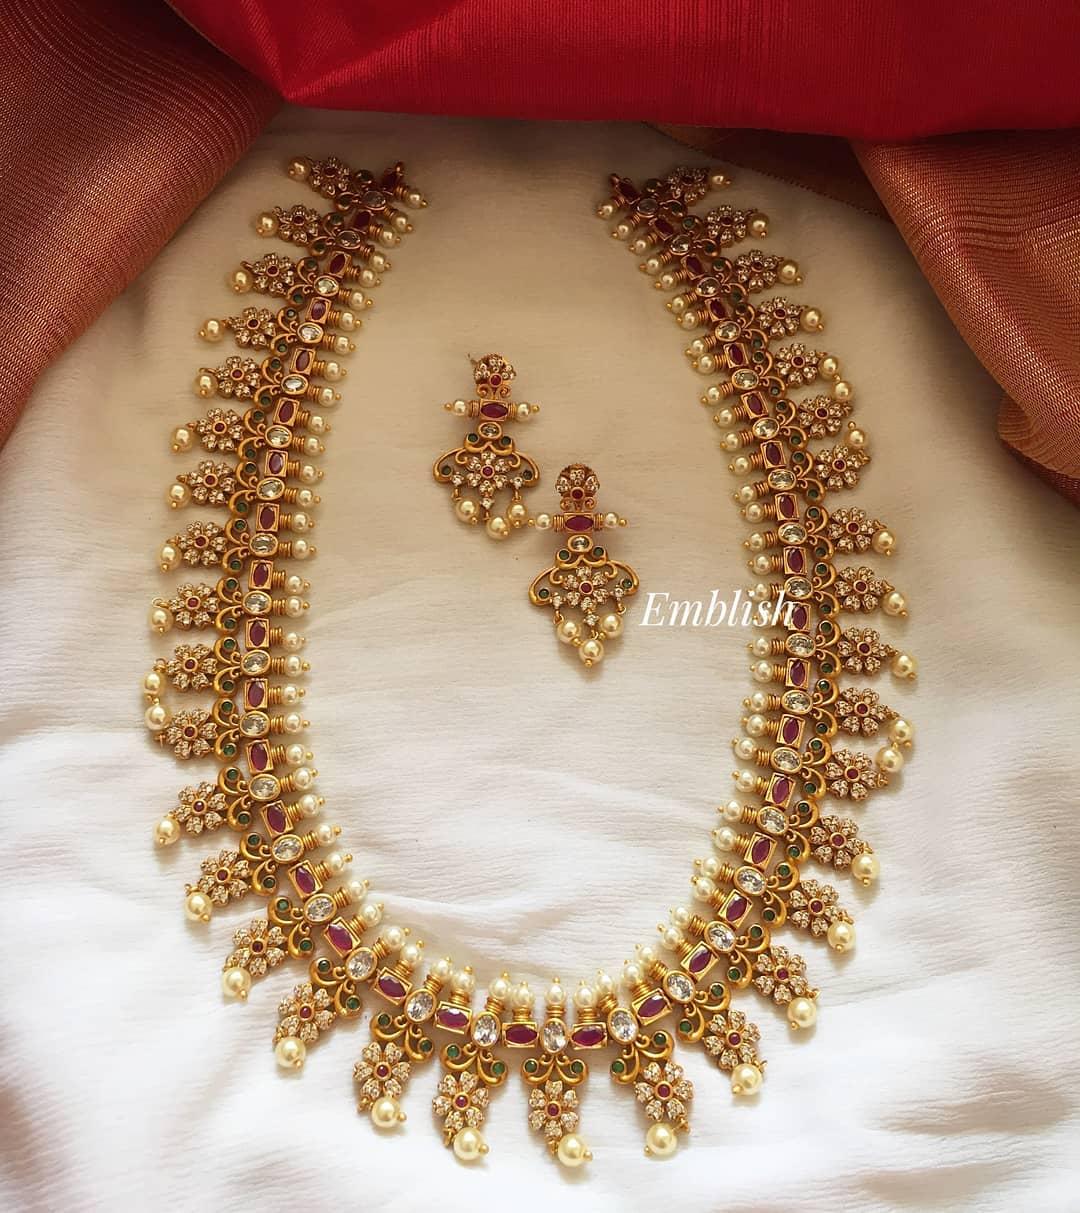 Imitation-Antique-Jewellery-Online(11)